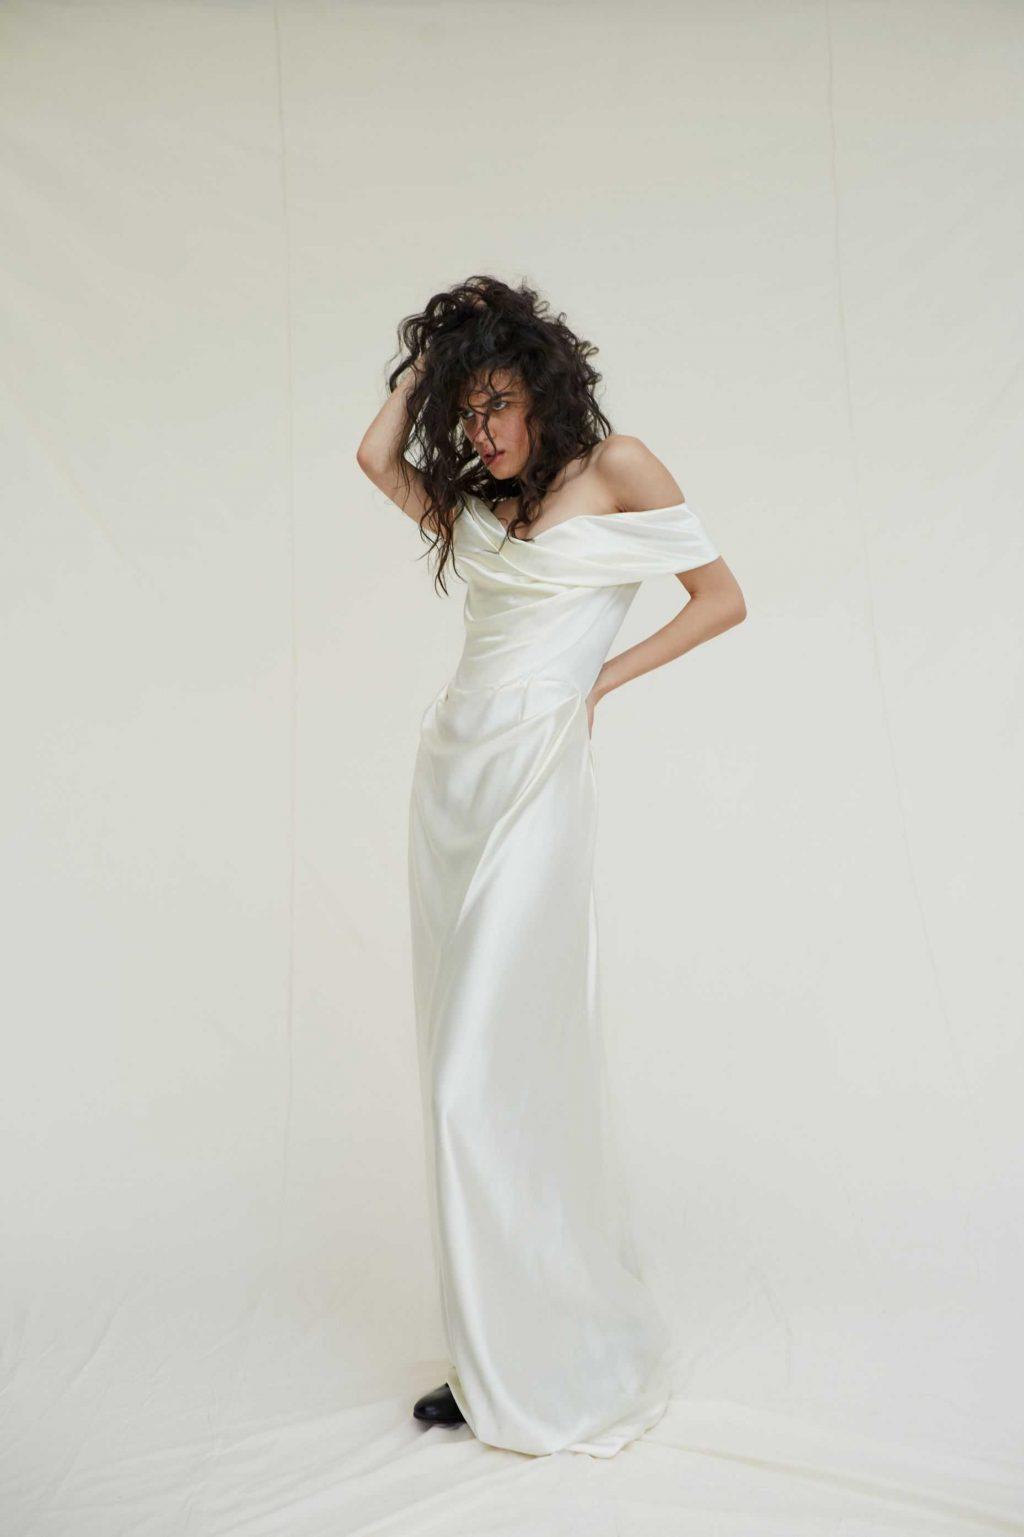 váy cưới của Miley Cyrus 2